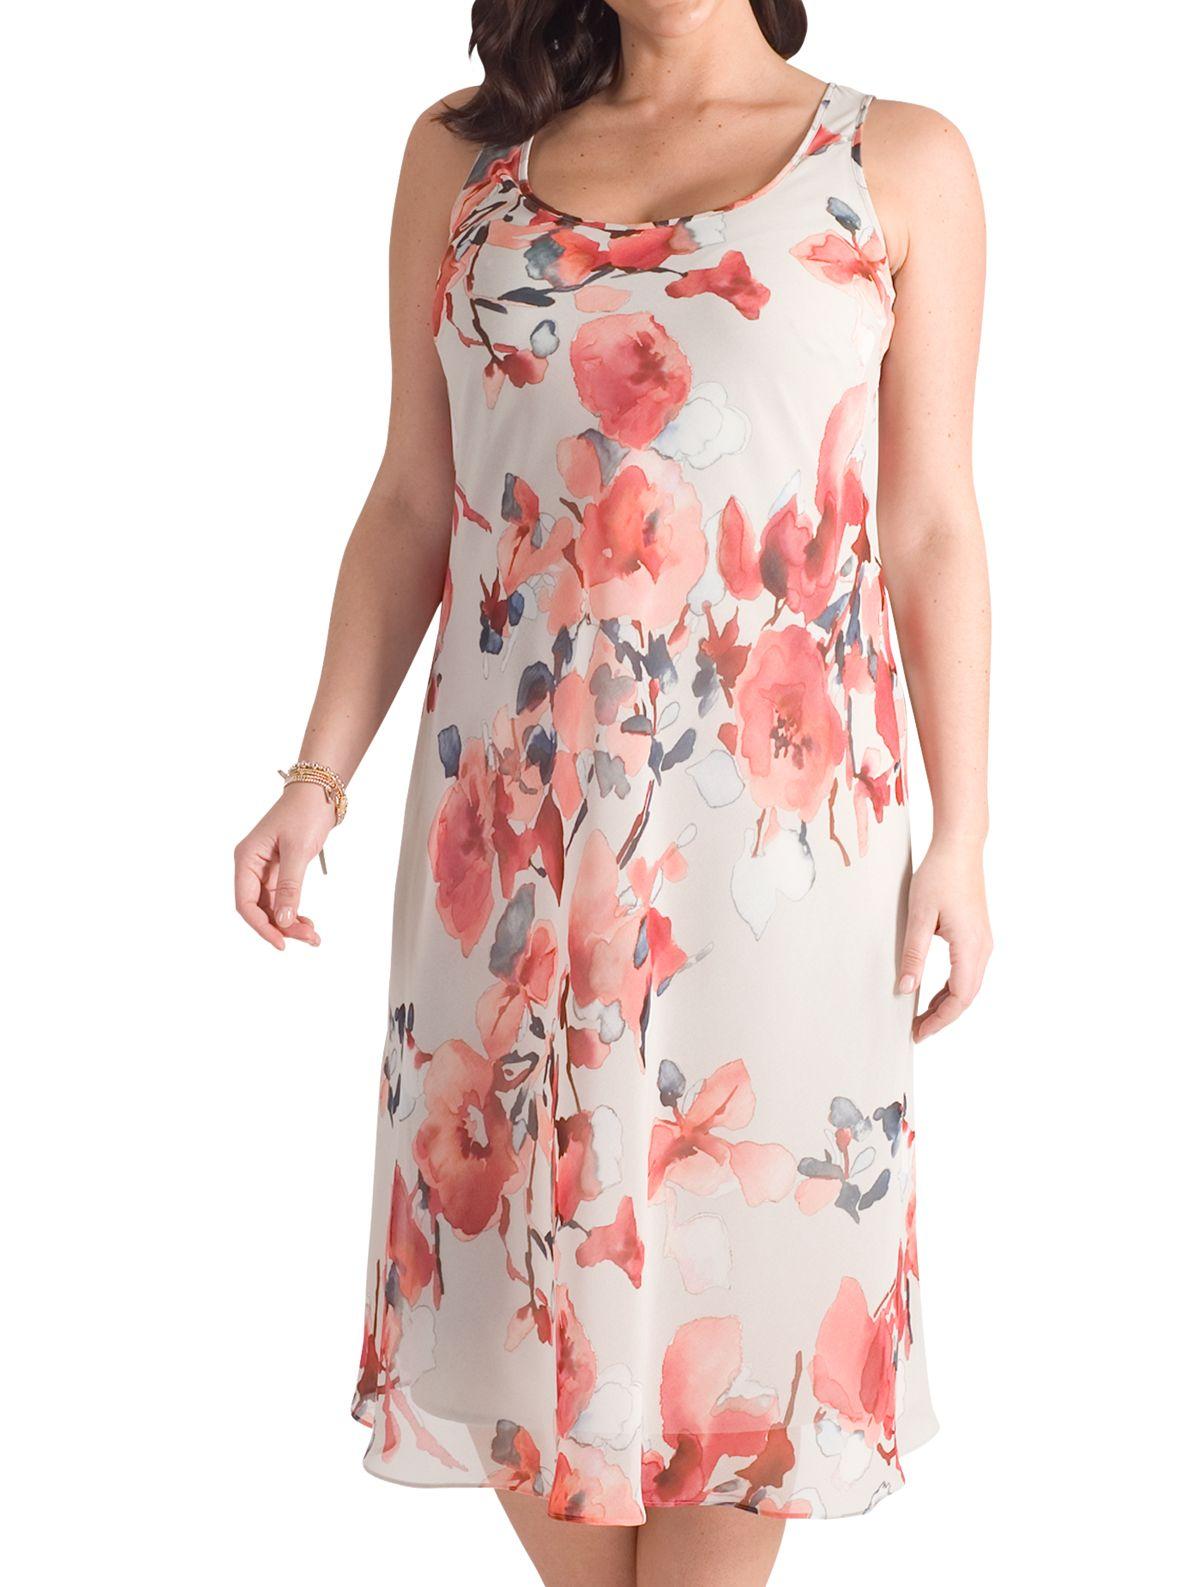 Chesca Chesca Floral Chiffon Dress, Aubergine